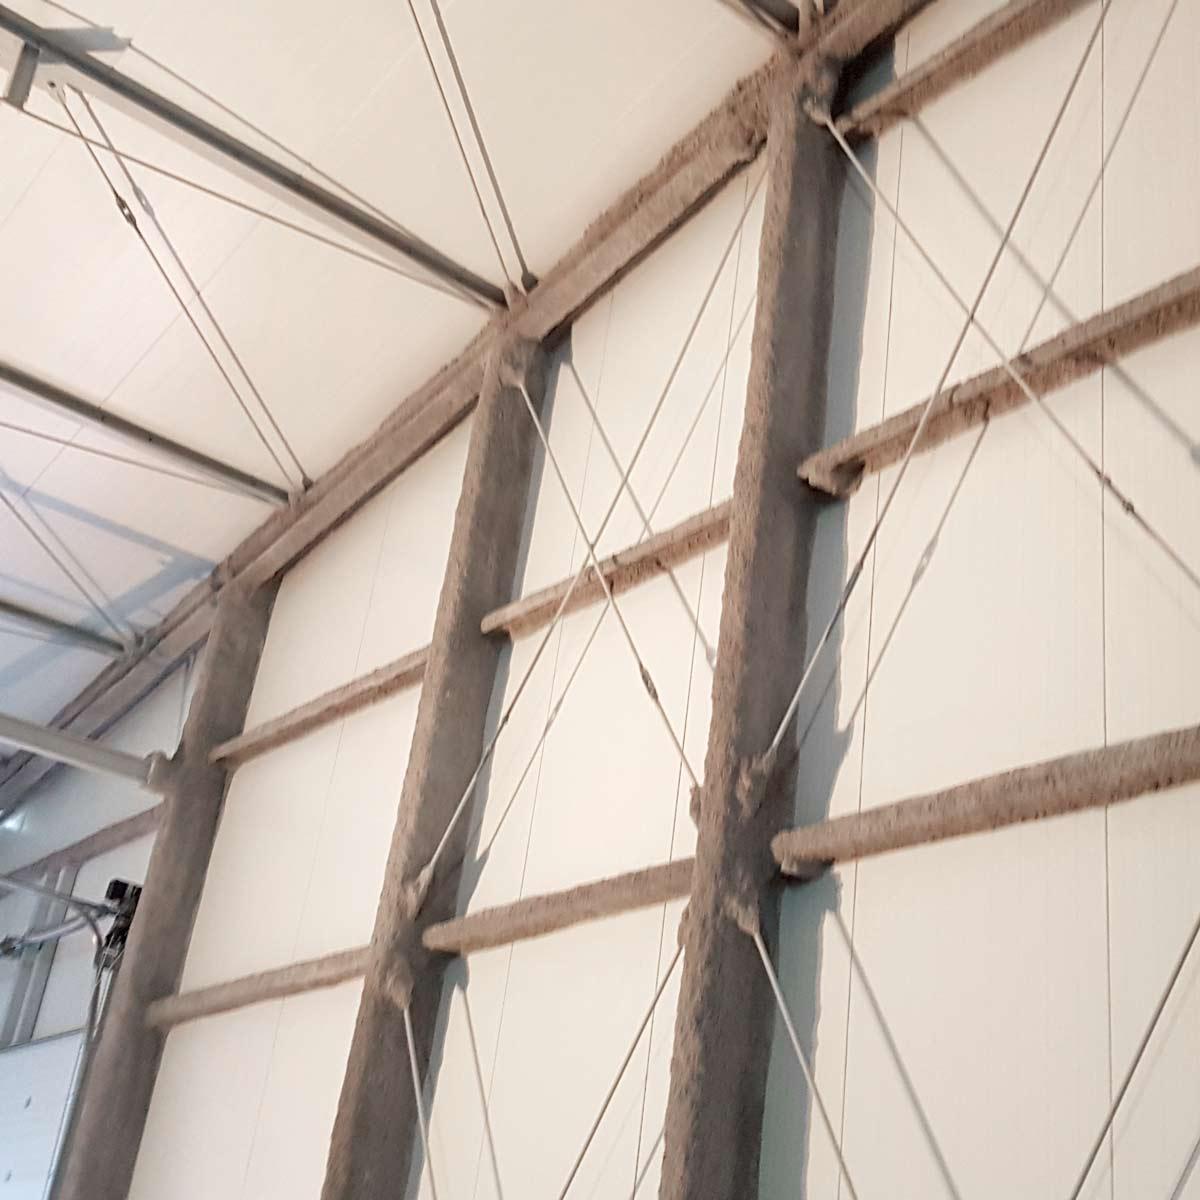 Realizacja - Zabezpieczenieppoż konstrukcji stalowej w Zwoleniu 2019